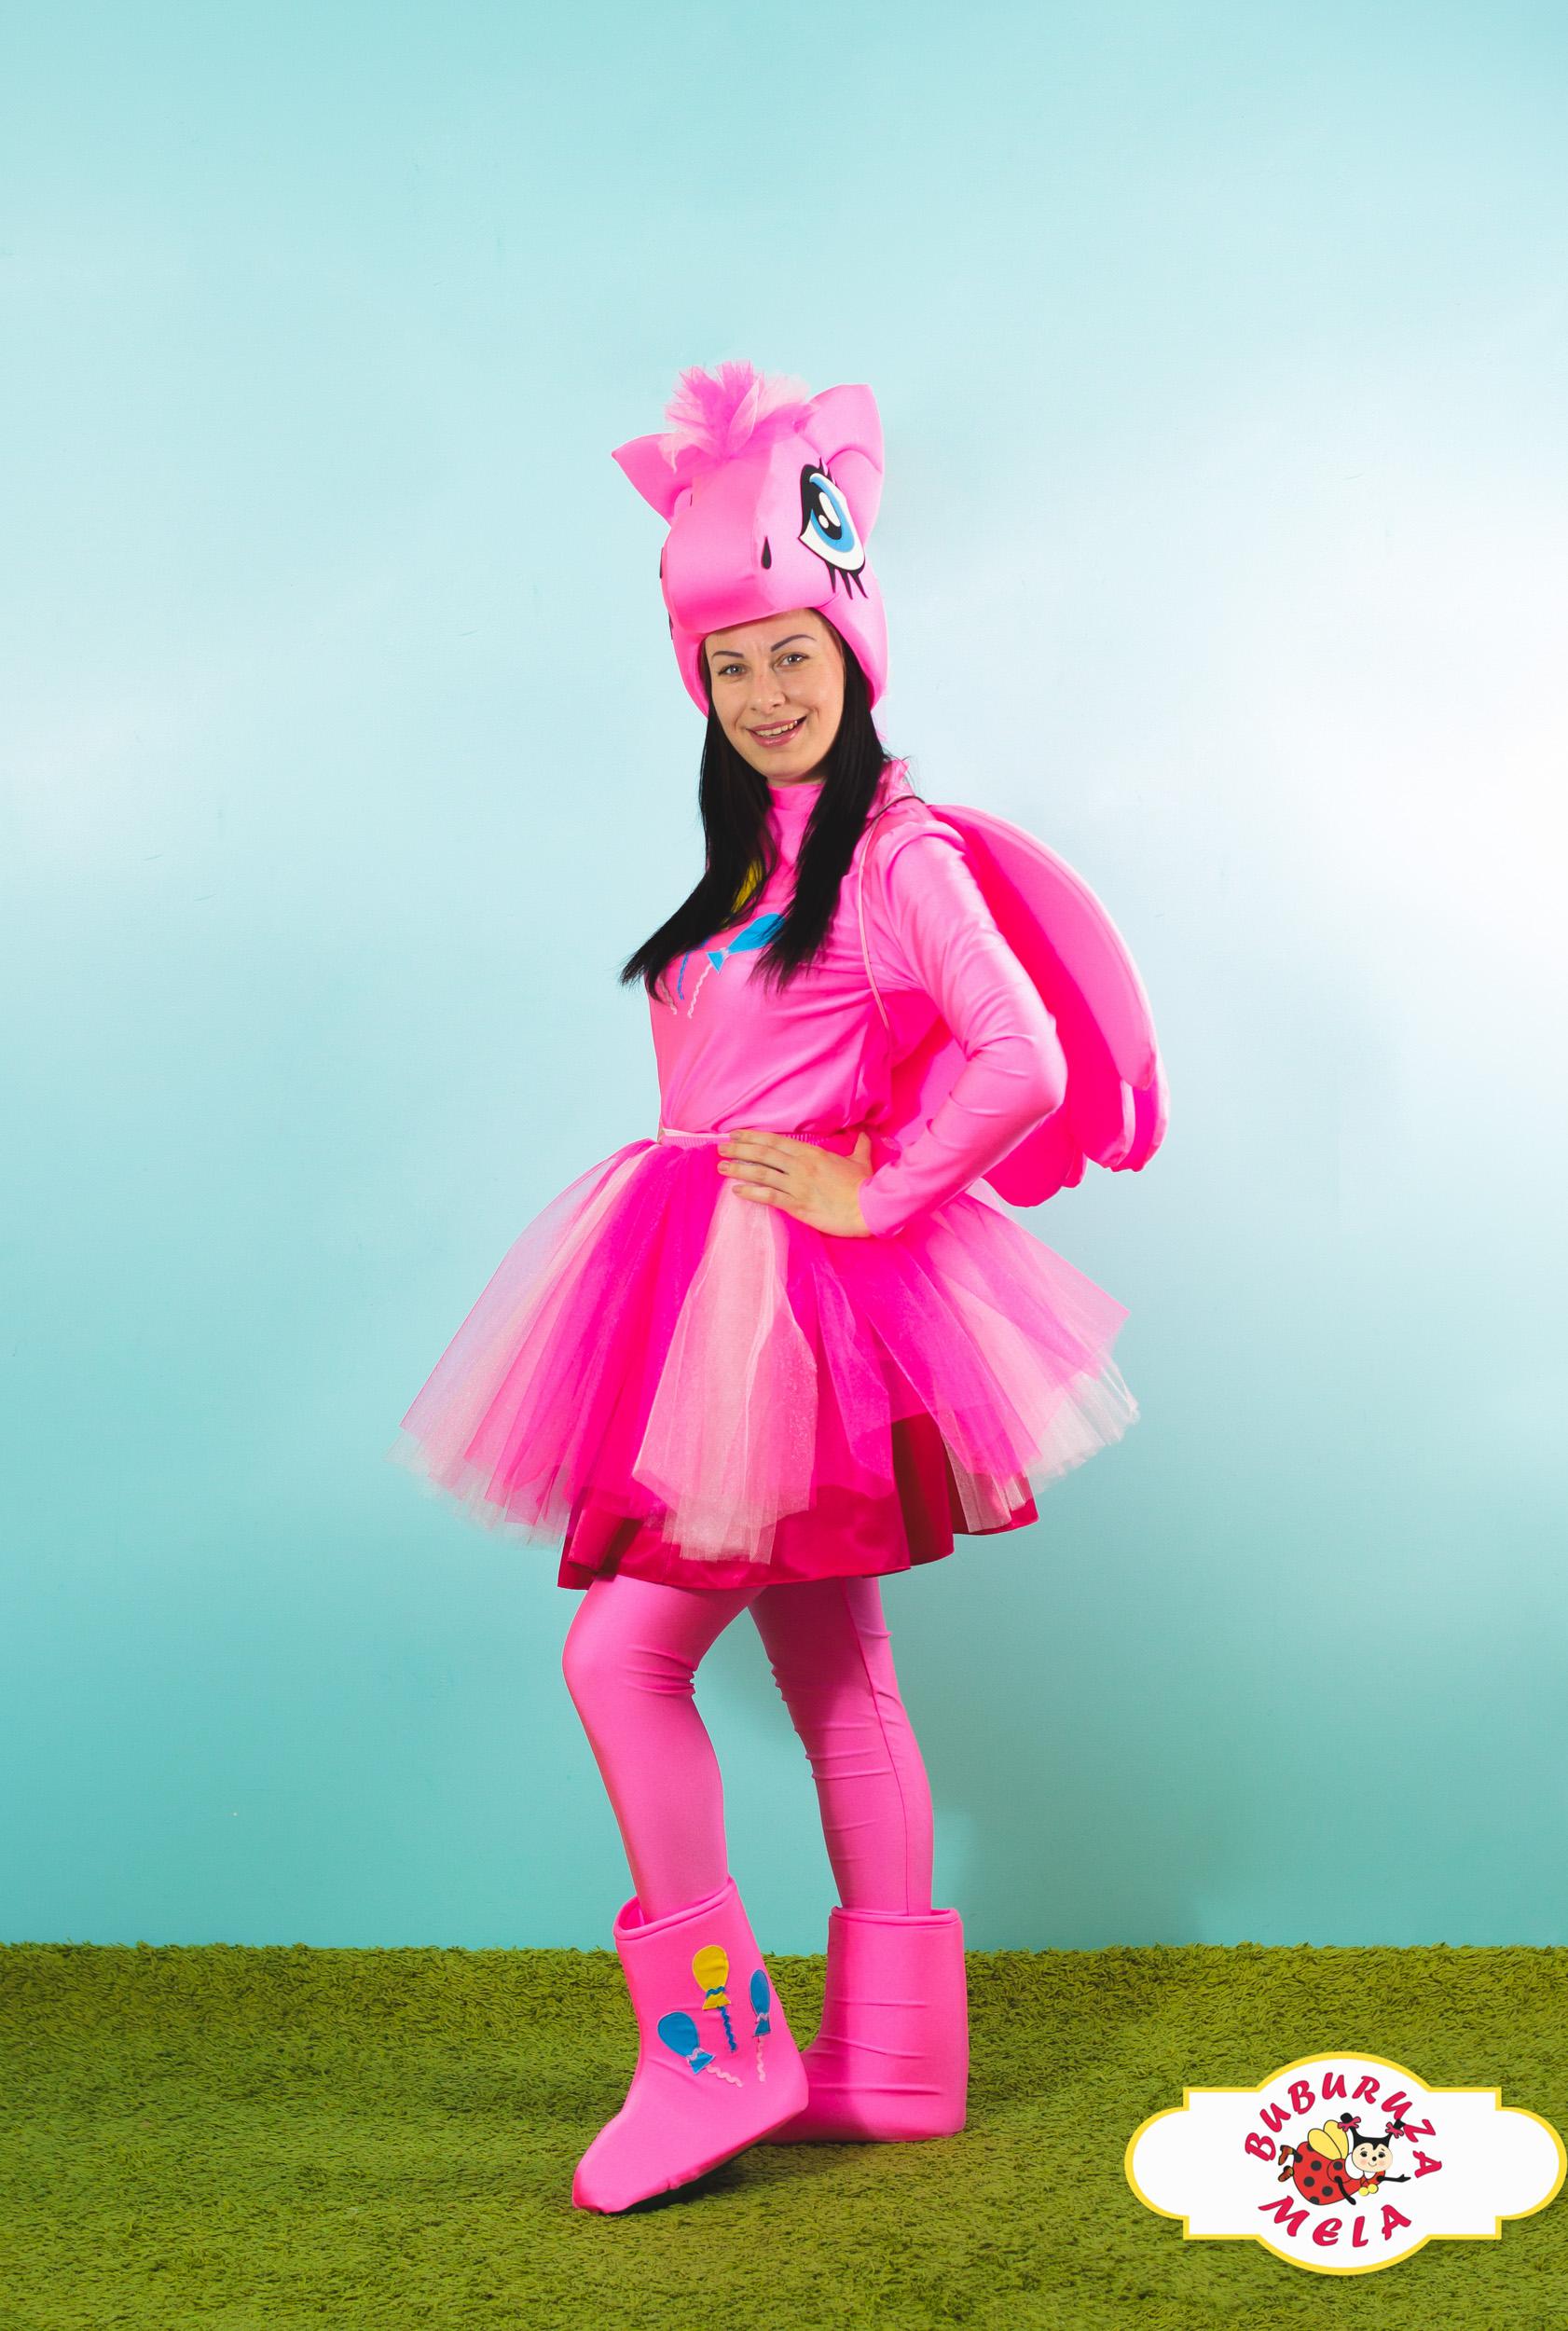 Pony Pinkie Pie